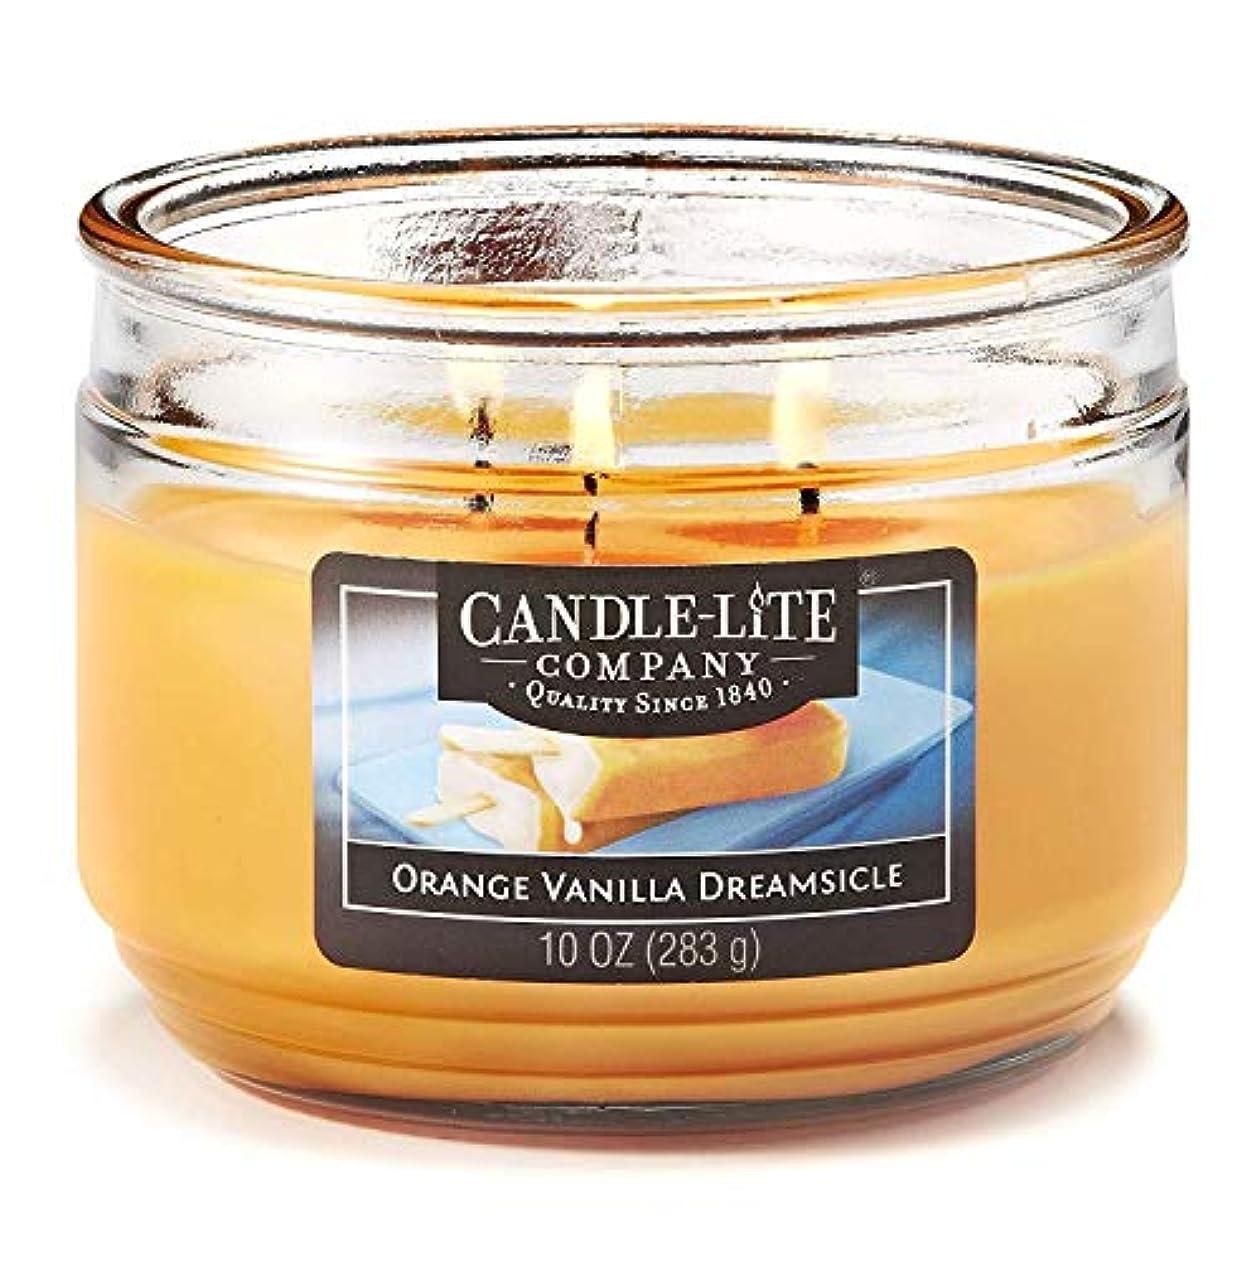 バン剥離容器Lucy Day ライトオレンジバニラ香りのキャンドルデイリーグリーンキャンドル